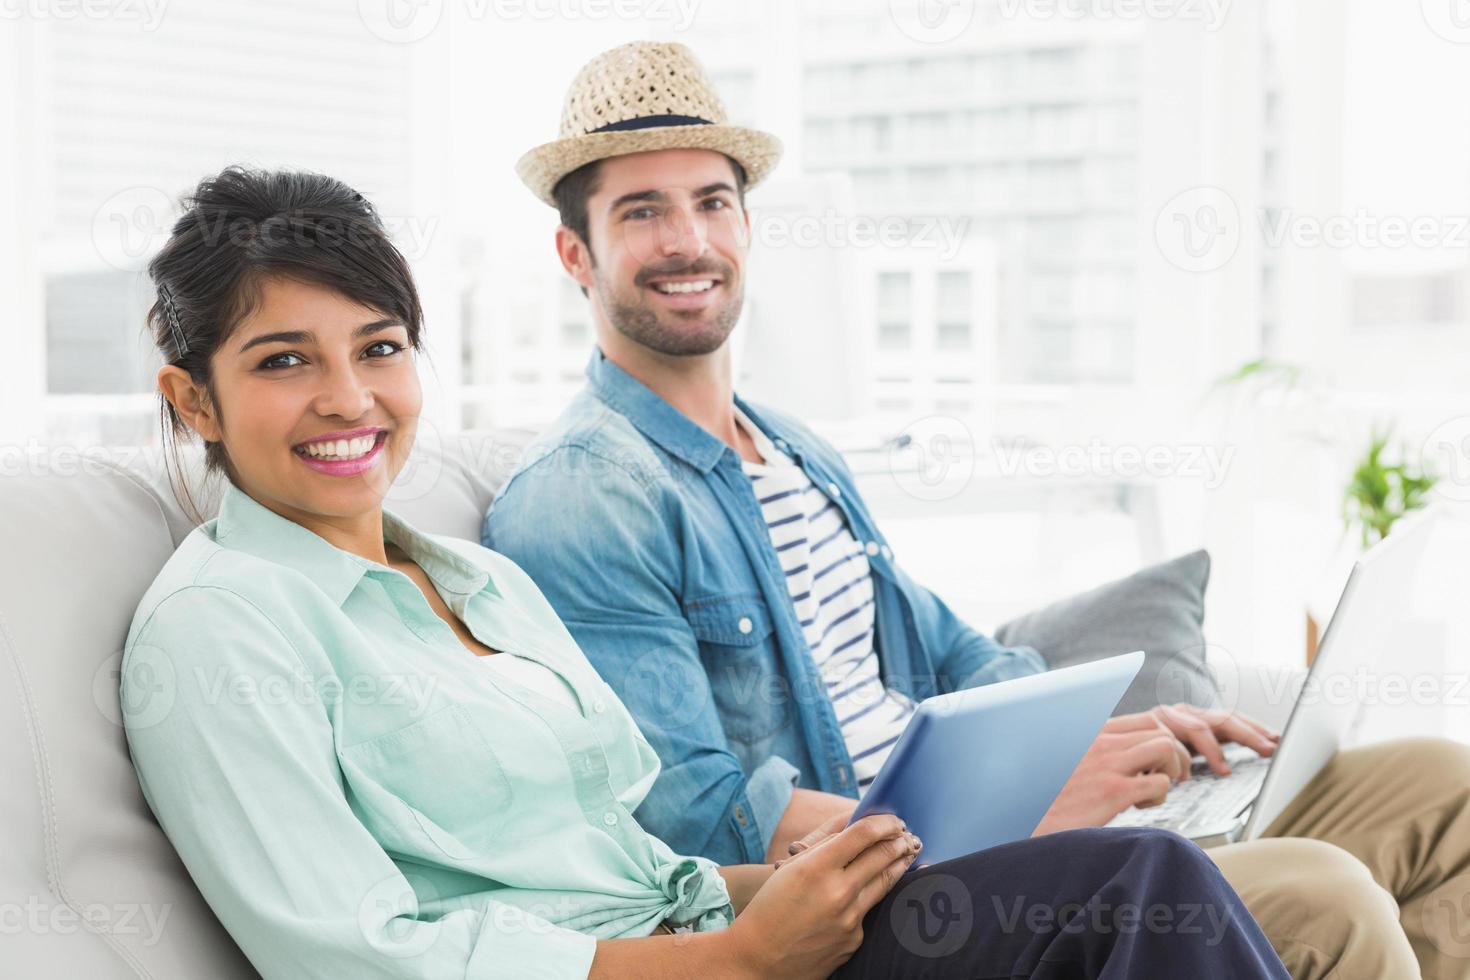 lachende collega's met behulp van tablet en laptop op Bank foto